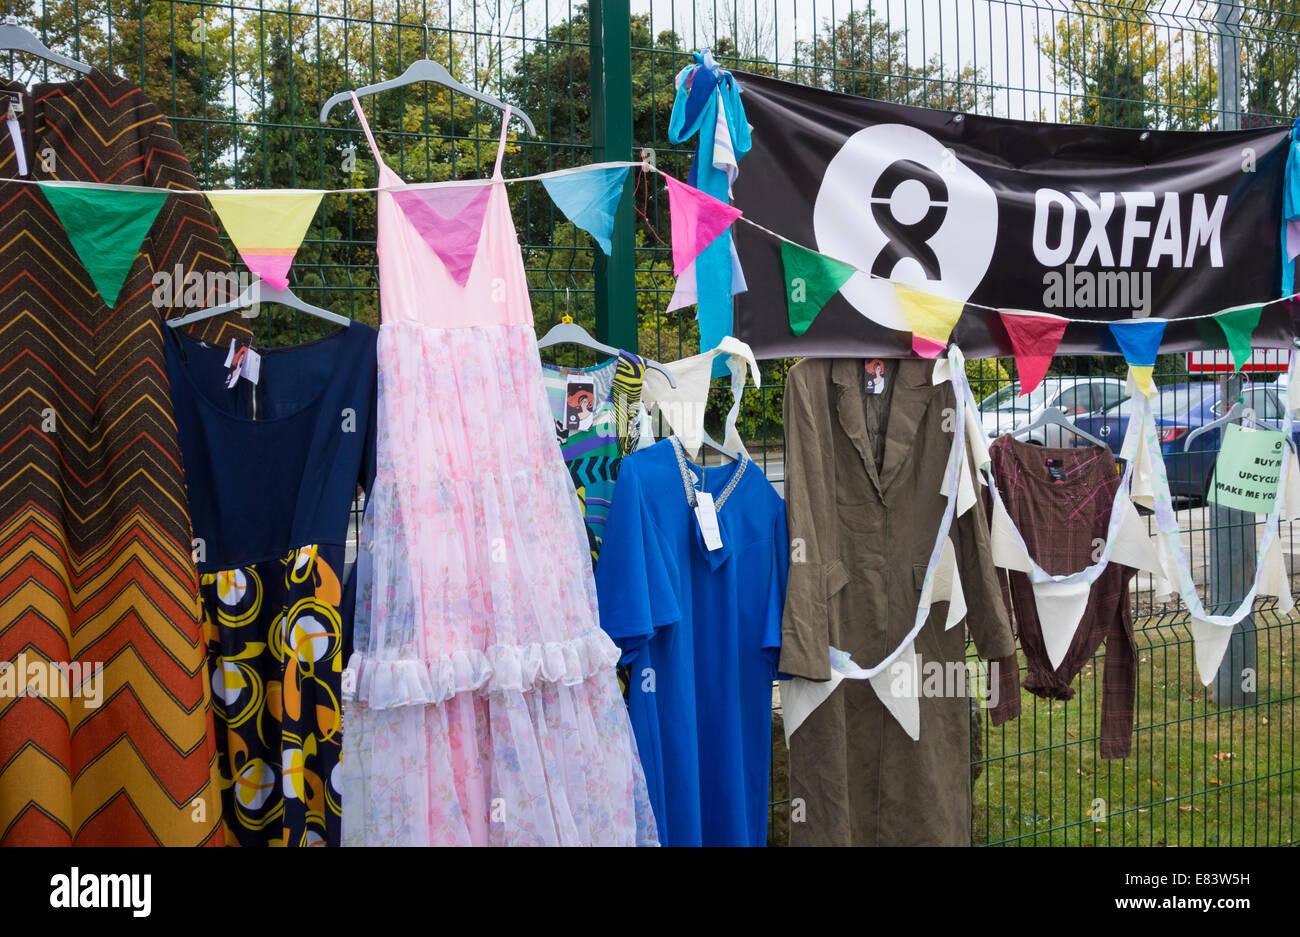 Oxfam vestiti in stallo al Festival di parsimonia, Lingfield punto, Darlington, England, Regno Unito Immagini Stock